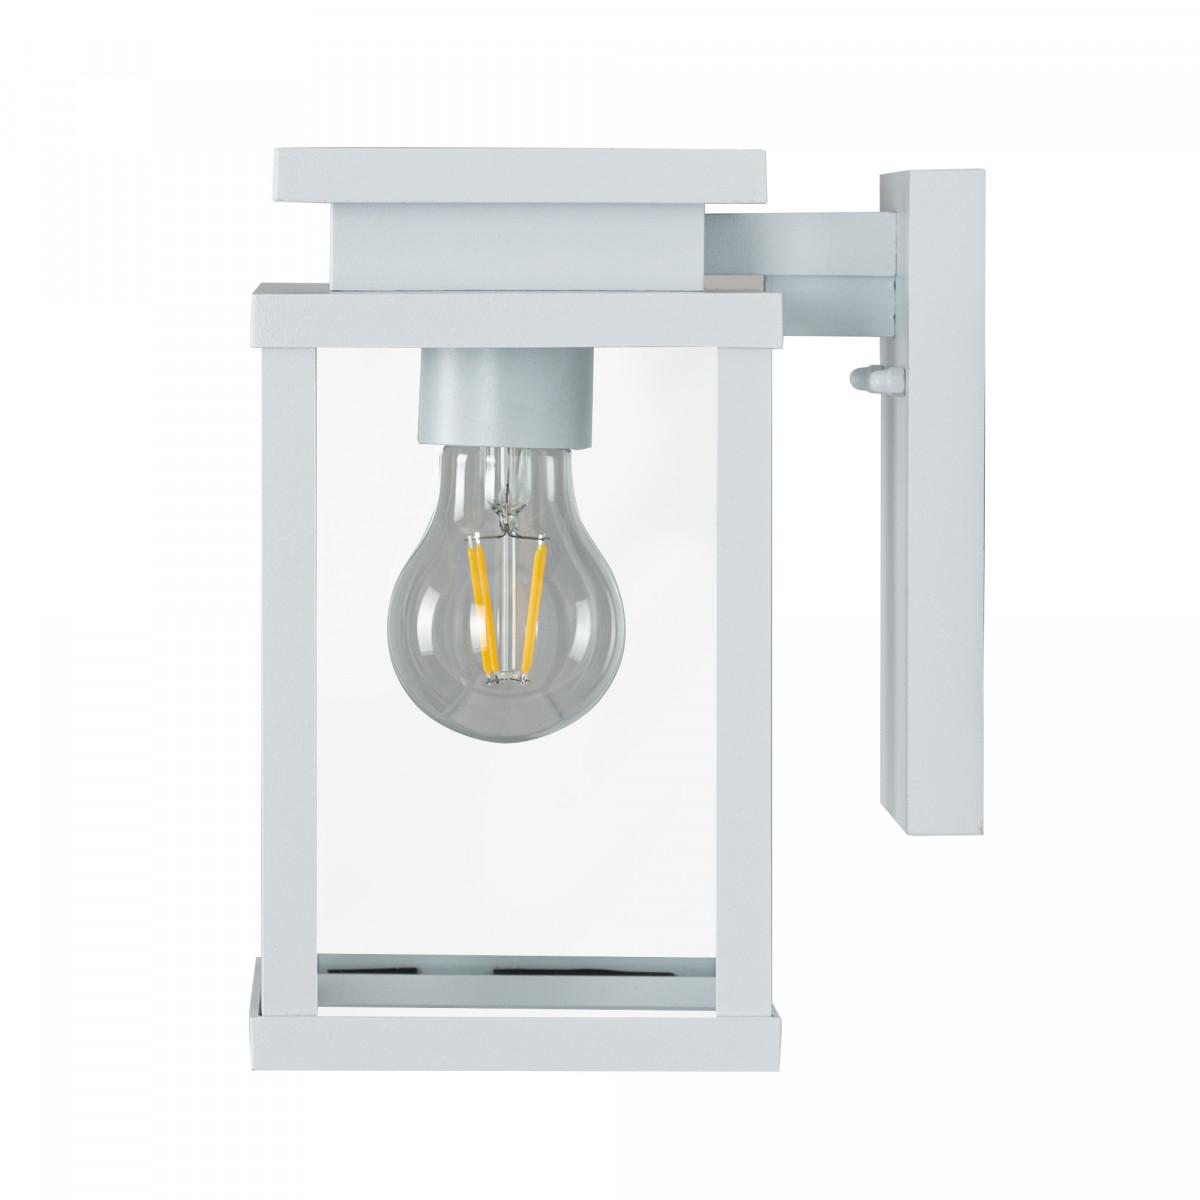 Buitenlamp wit, moderne strak vormgegeven buitenverlichting, wit frame, heldere glazen, wandlamp voor buiten